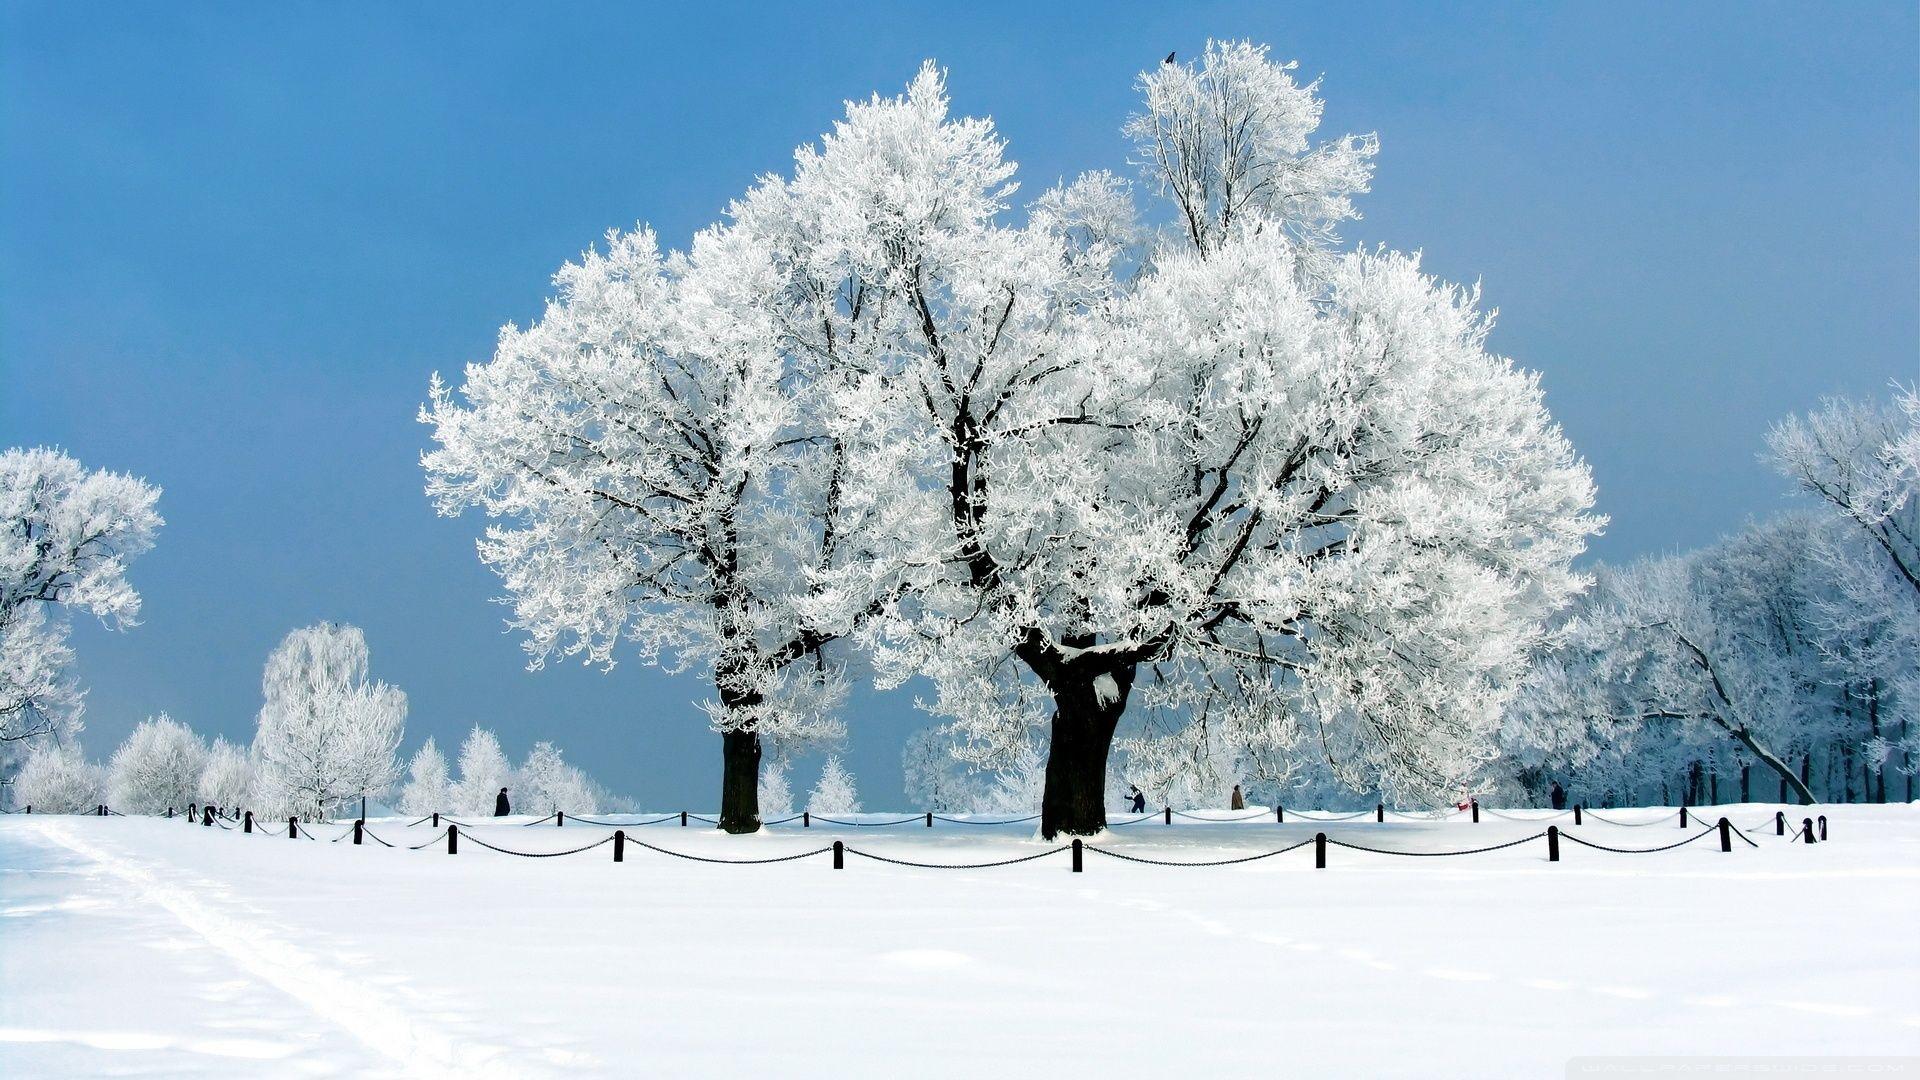 January Winter Desktop Wallpaper Winter landscape